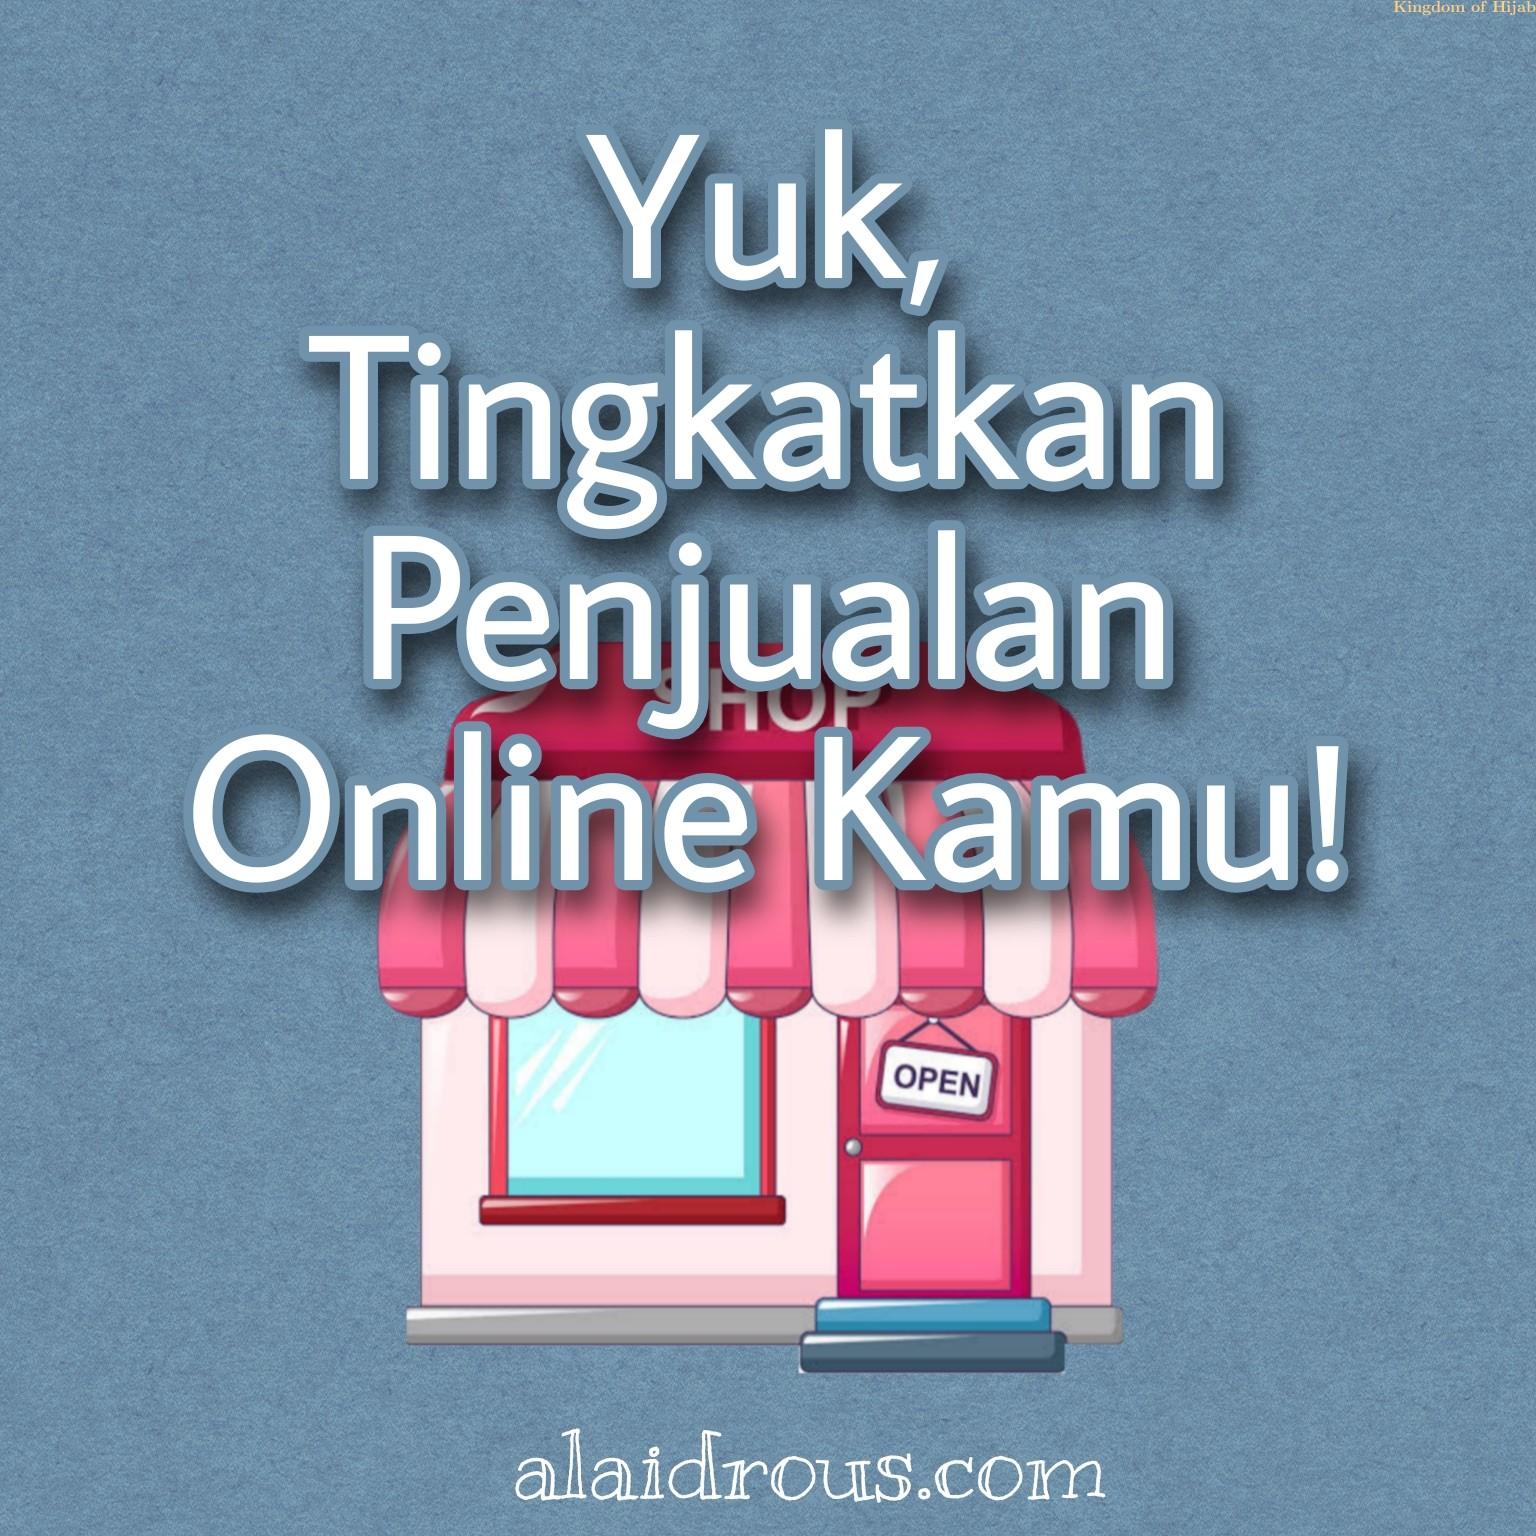 yuk--tingkatkan-penjualan-online-kamu--tips-bisnis-6-20928052021.jpg